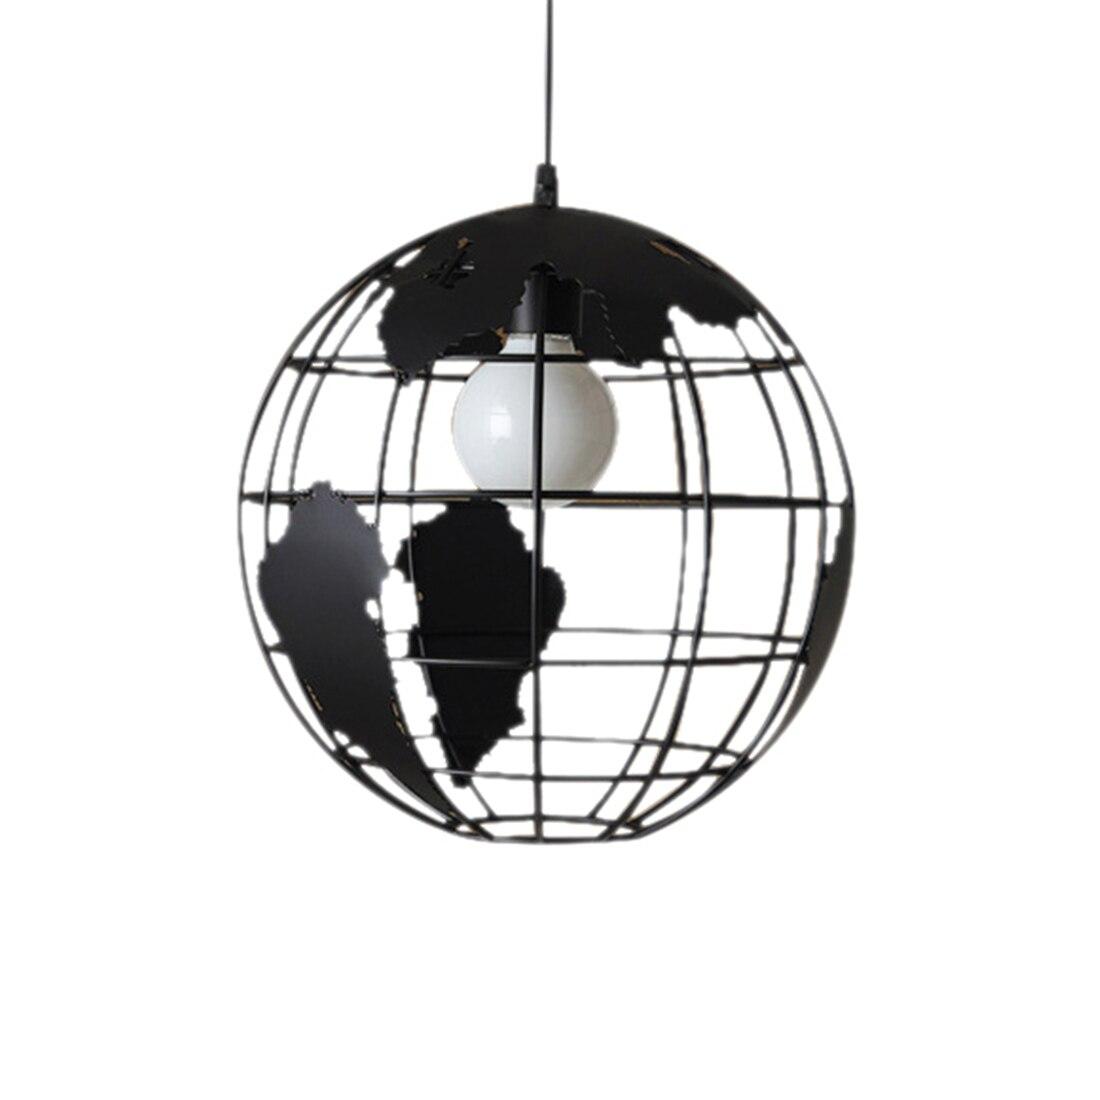 Preto criativo loft continental único globo retro lustre moderno metálico lounge café casual lâmpada do teto